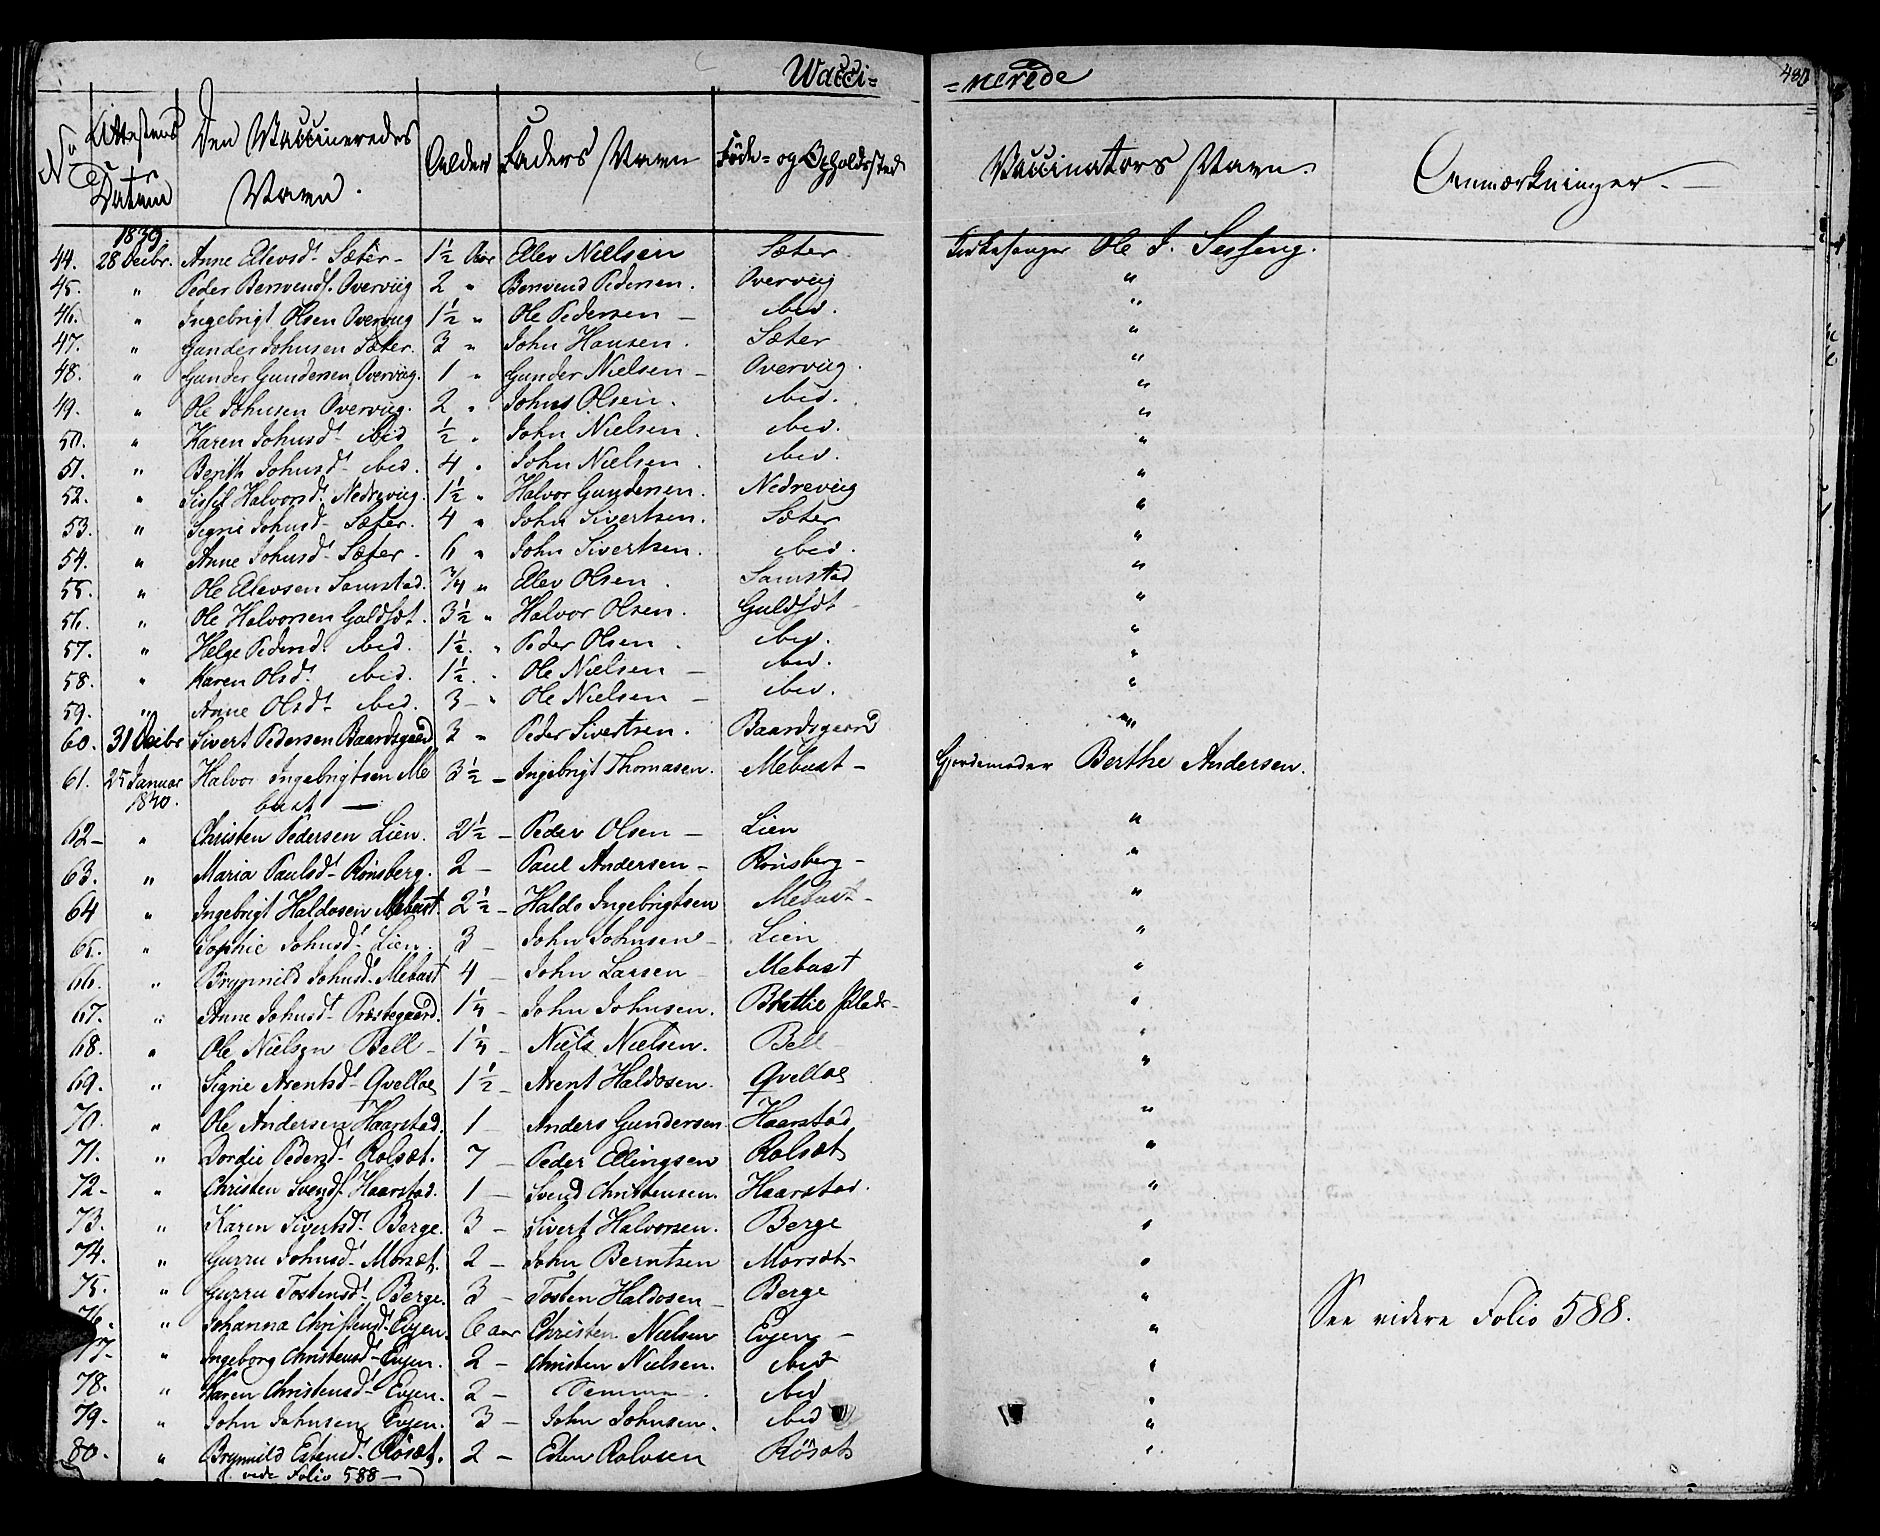 SAT, Ministerialprotokoller, klokkerbøker og fødselsregistre - Sør-Trøndelag, 695/L1143: Ministerialbok nr. 695A05 /1, 1824-1842, s. 480